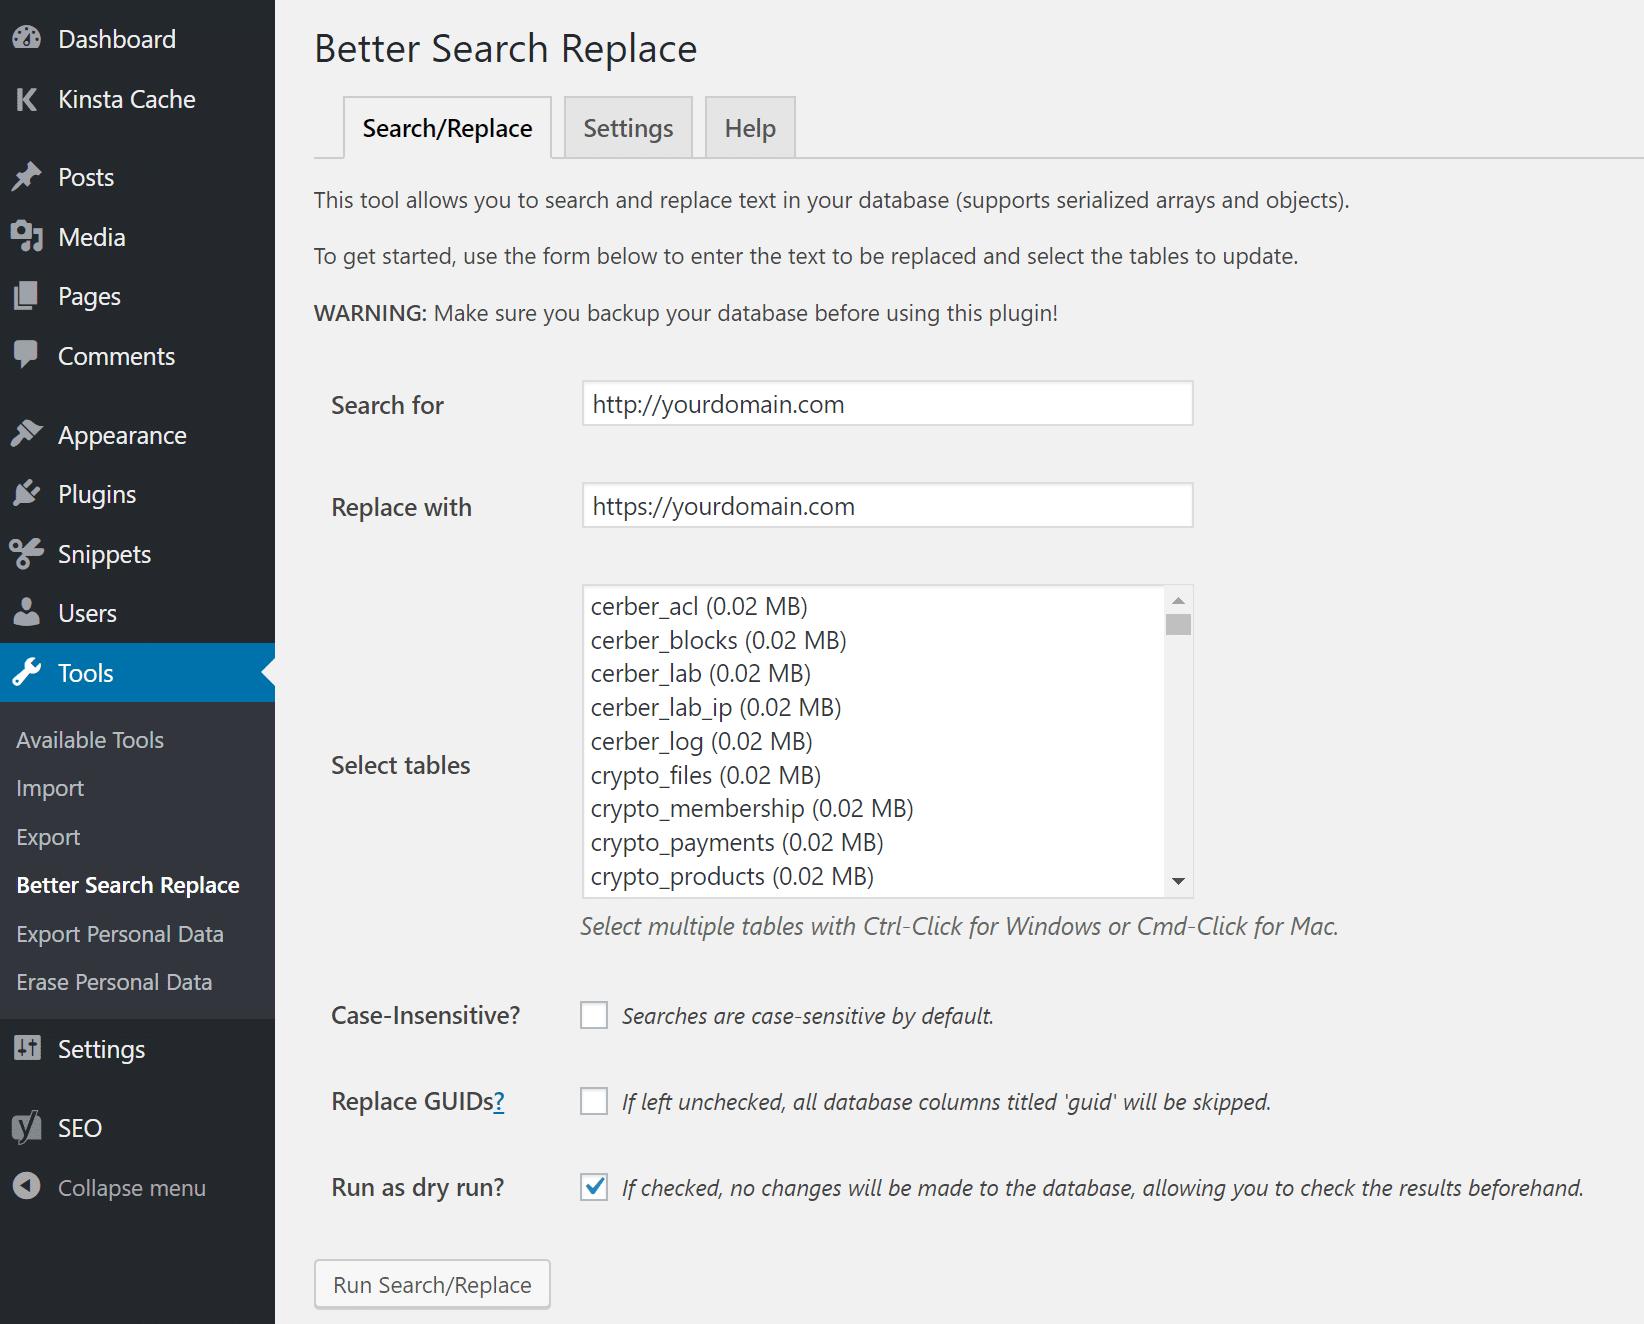 Opciones de Better Search Result